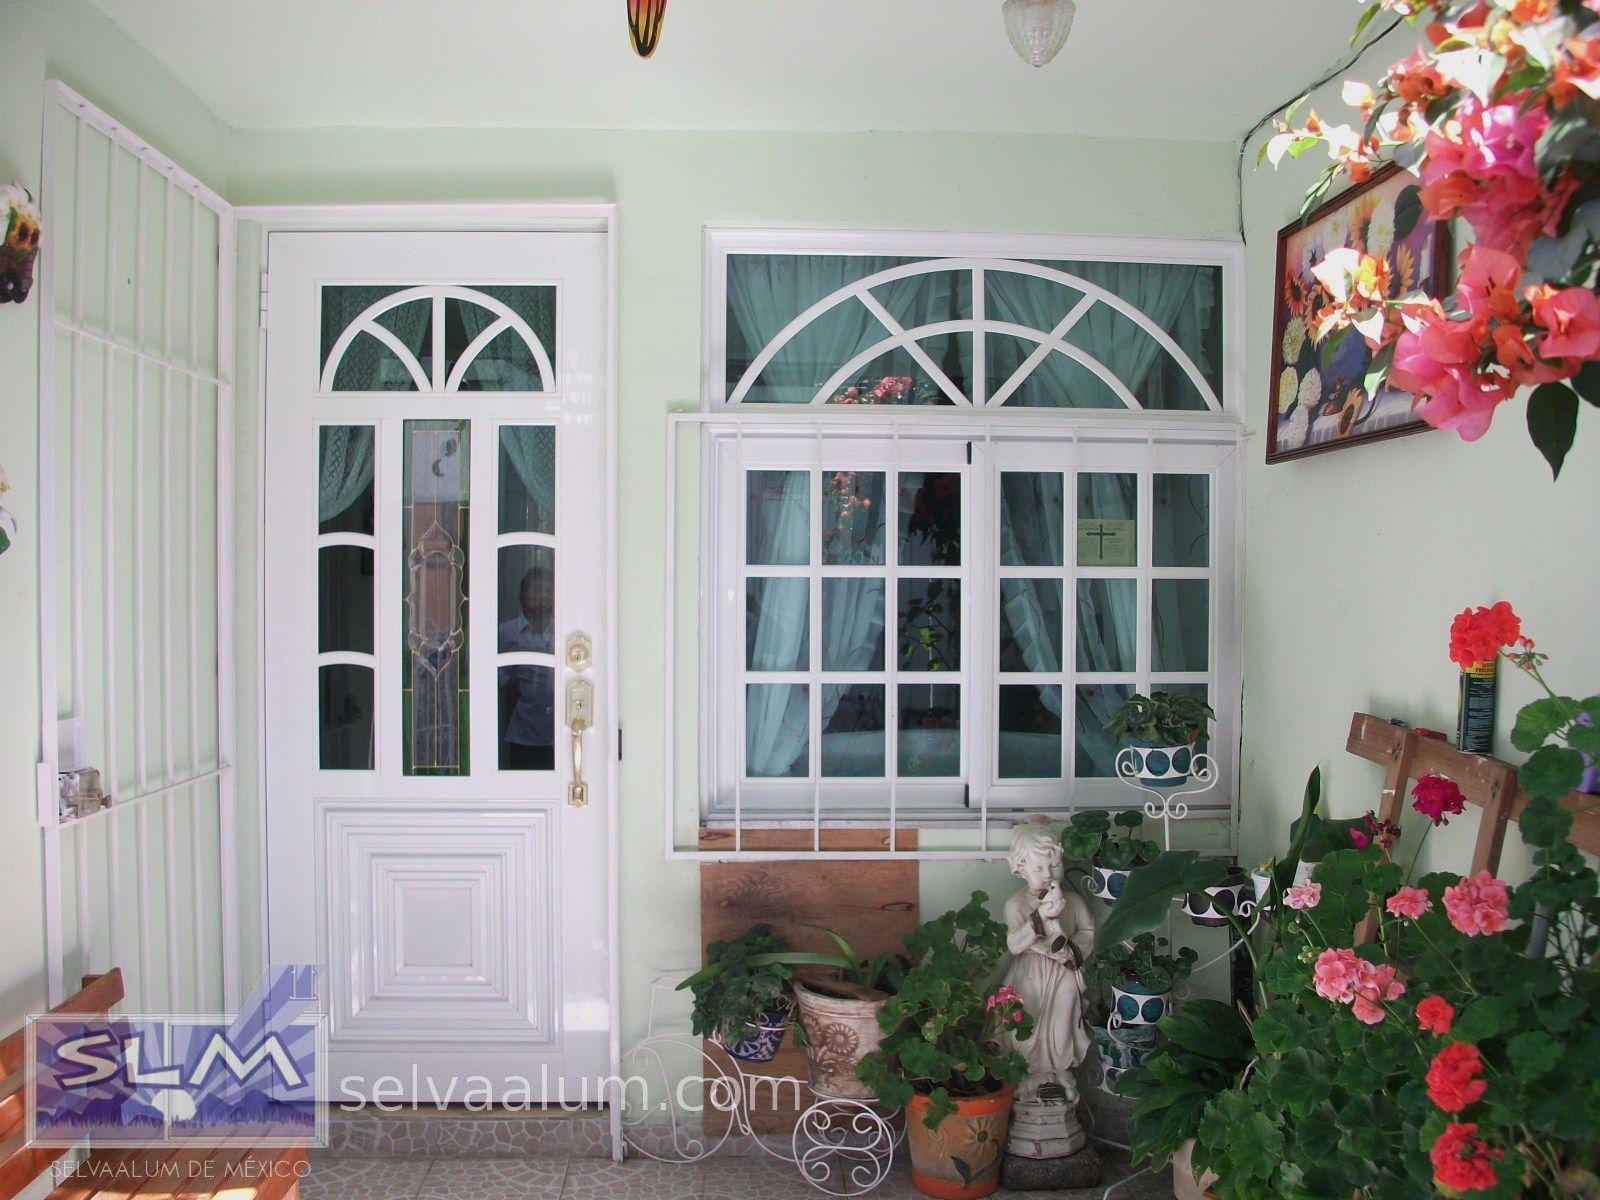 Selvaalum - Puertas y ventanas de aluminio linea española | PUERTAS ...